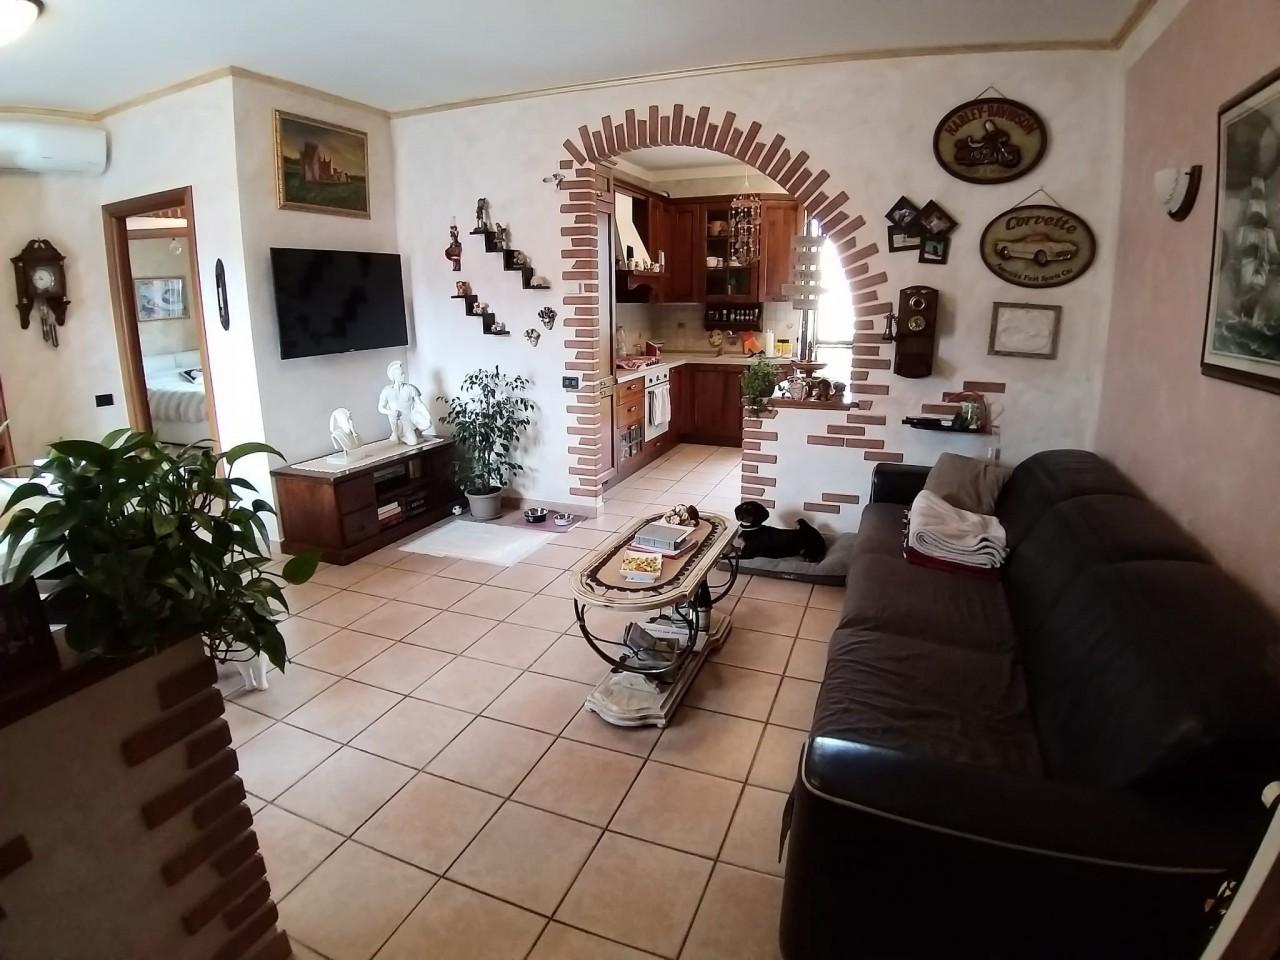 Appartamento in vendita a Castiglione Olona, 3 locali, prezzo € 147.000 | CambioCasa.it